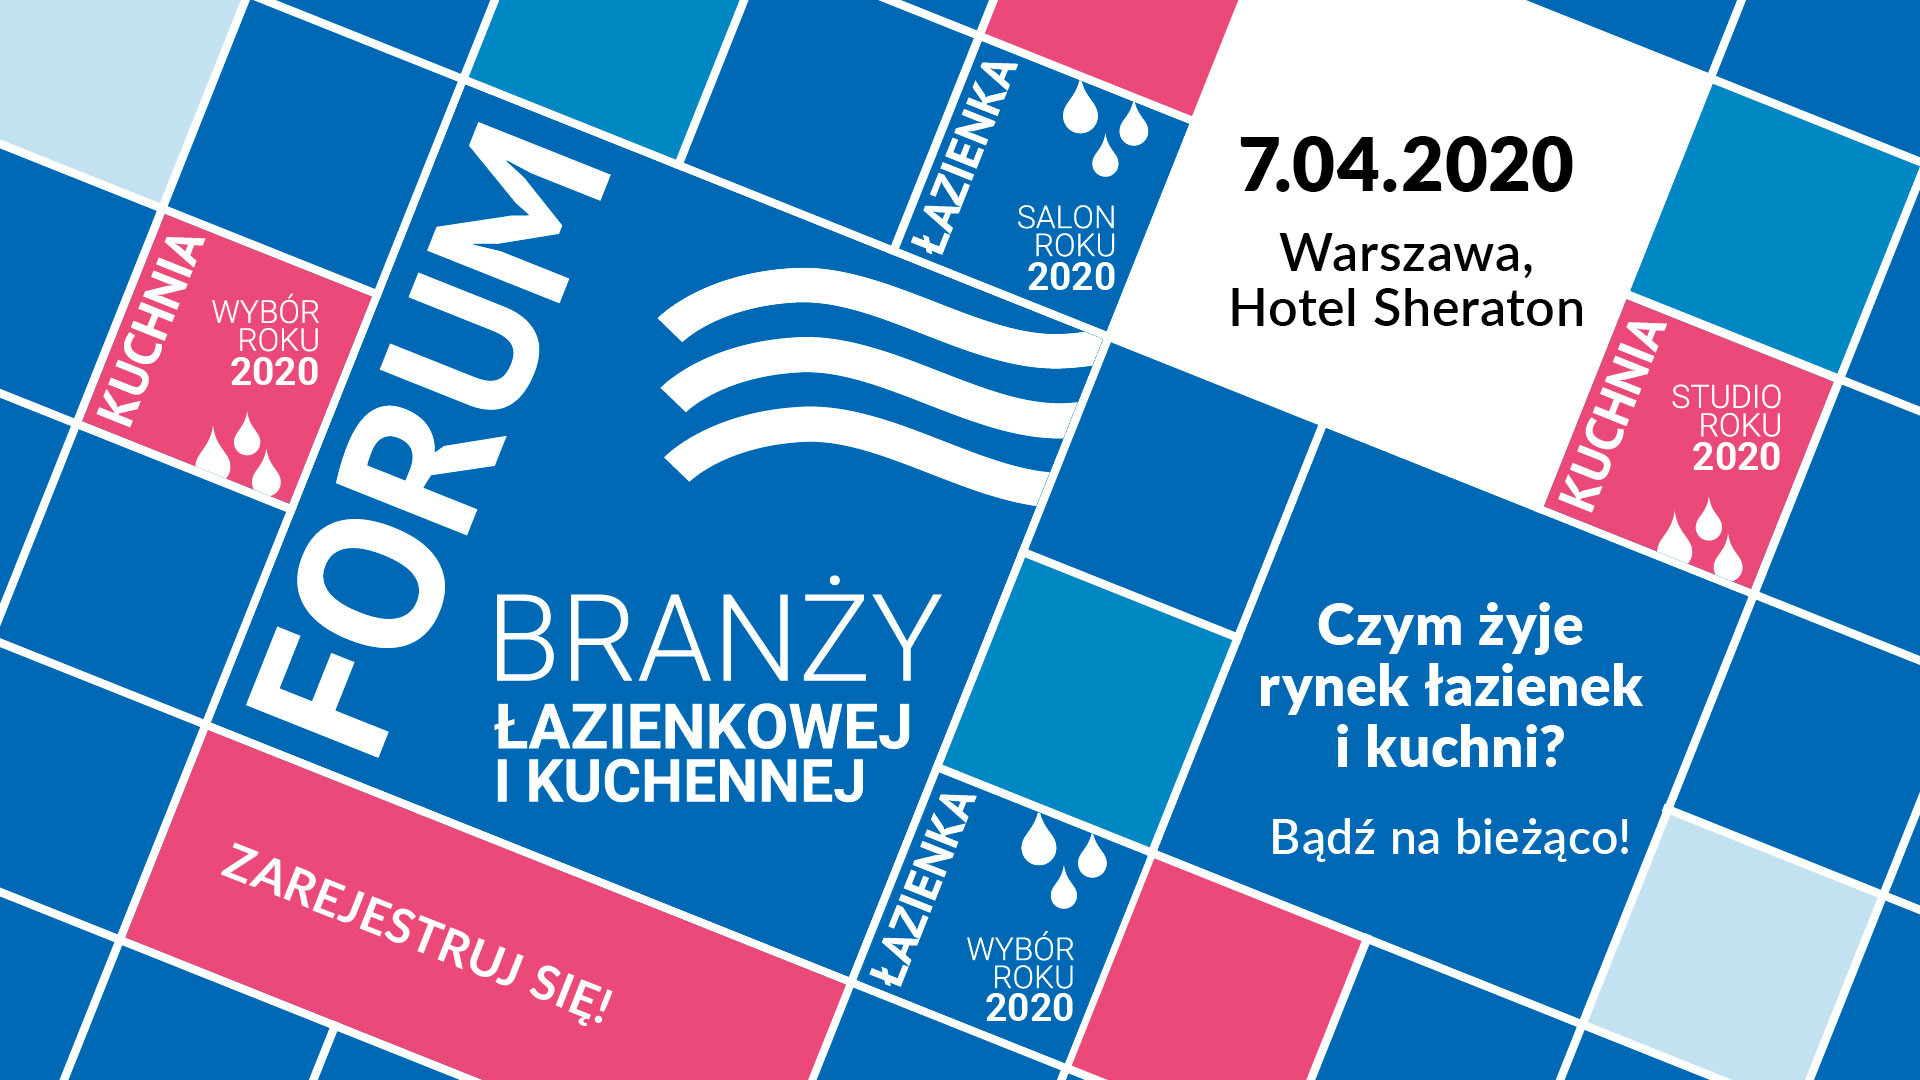 Ruszyła rejestracja na 7. Forum Branży Łazienkowej i Kuchennej